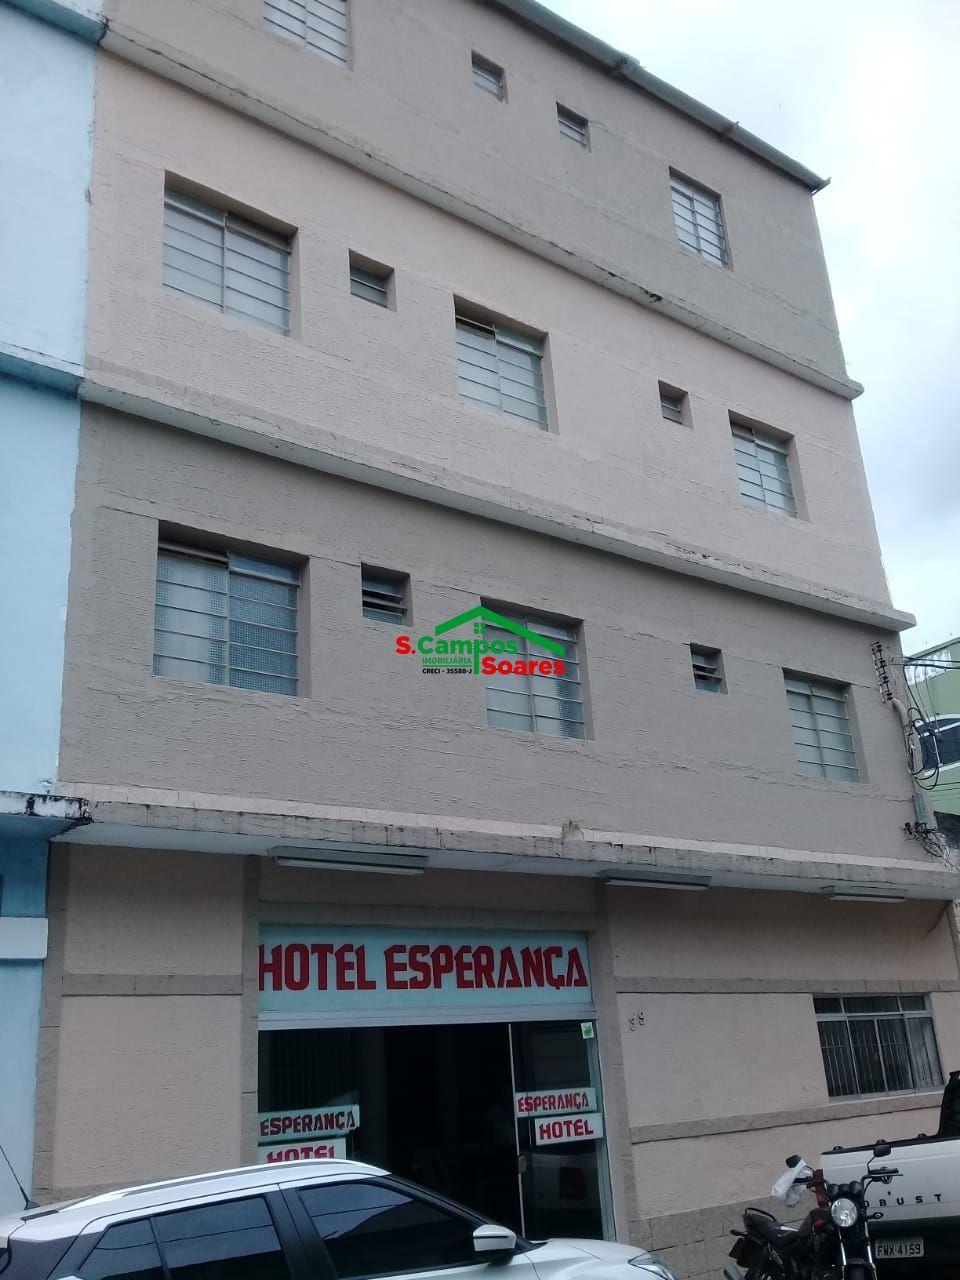 Imóvel comercial à venda  no Centro - Aparecida, SP. Imóveis